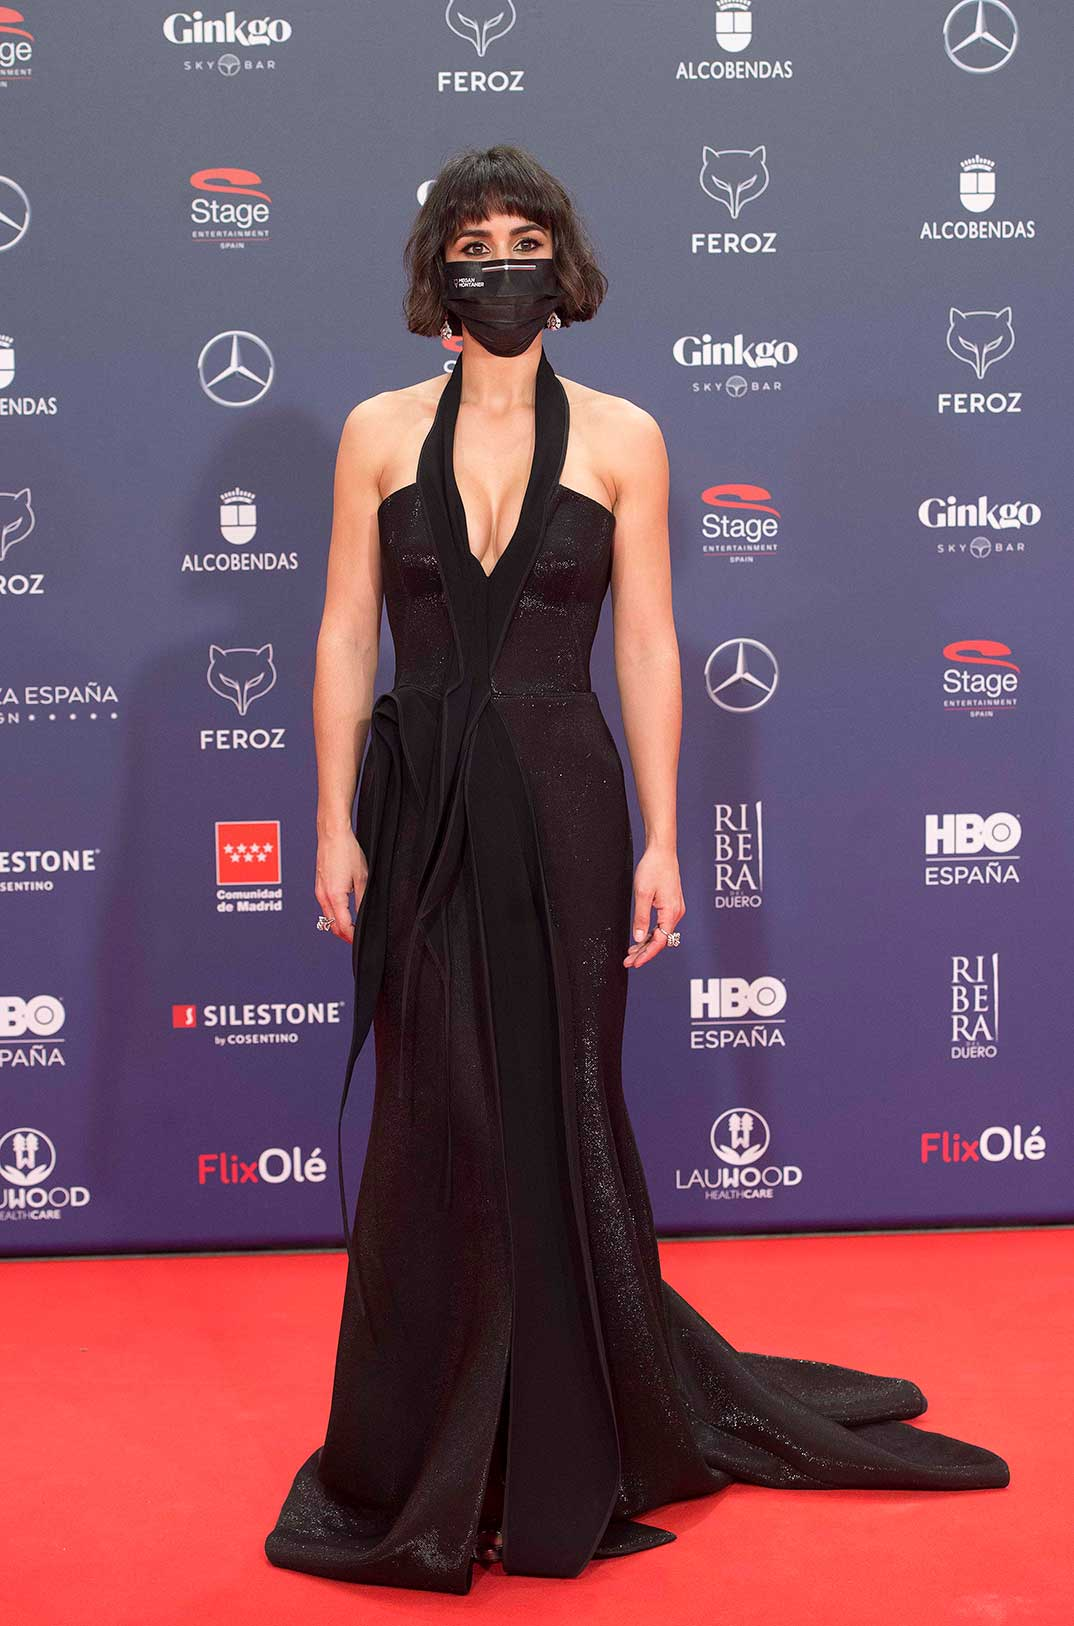 Megan Montaner © Premios Feroz/Alberto Ortega